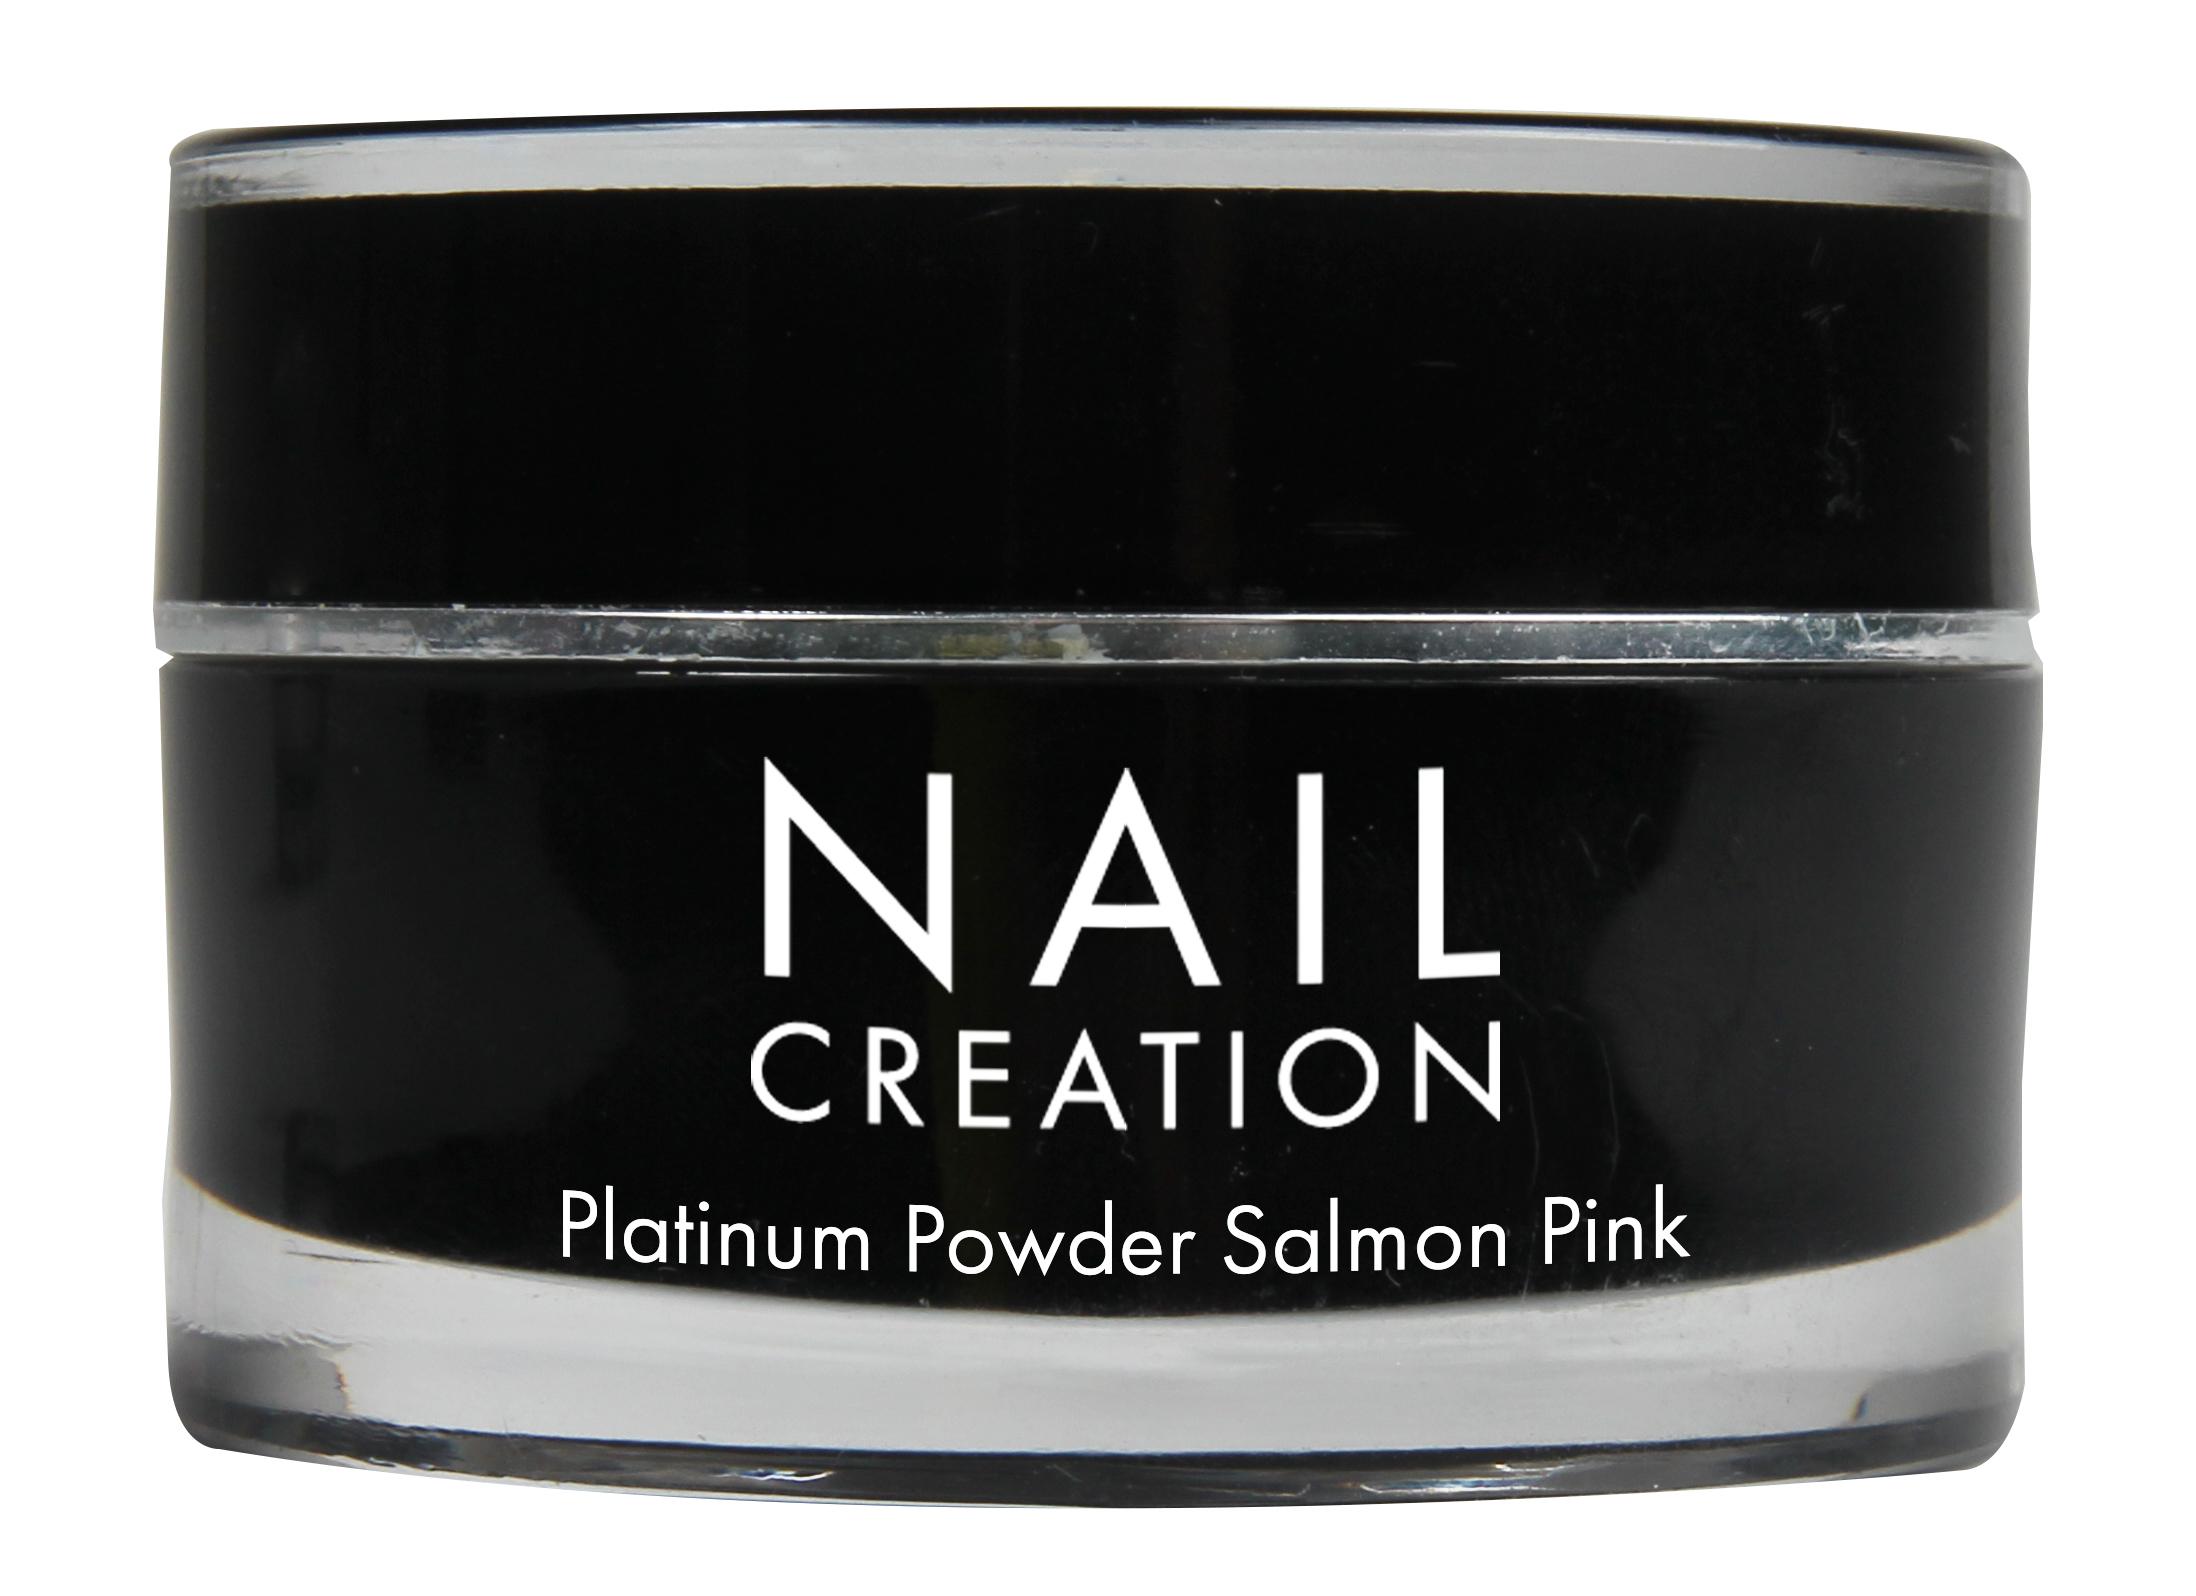 Afbeelding van Nail Creation Platinum Powder - Salmon Pink